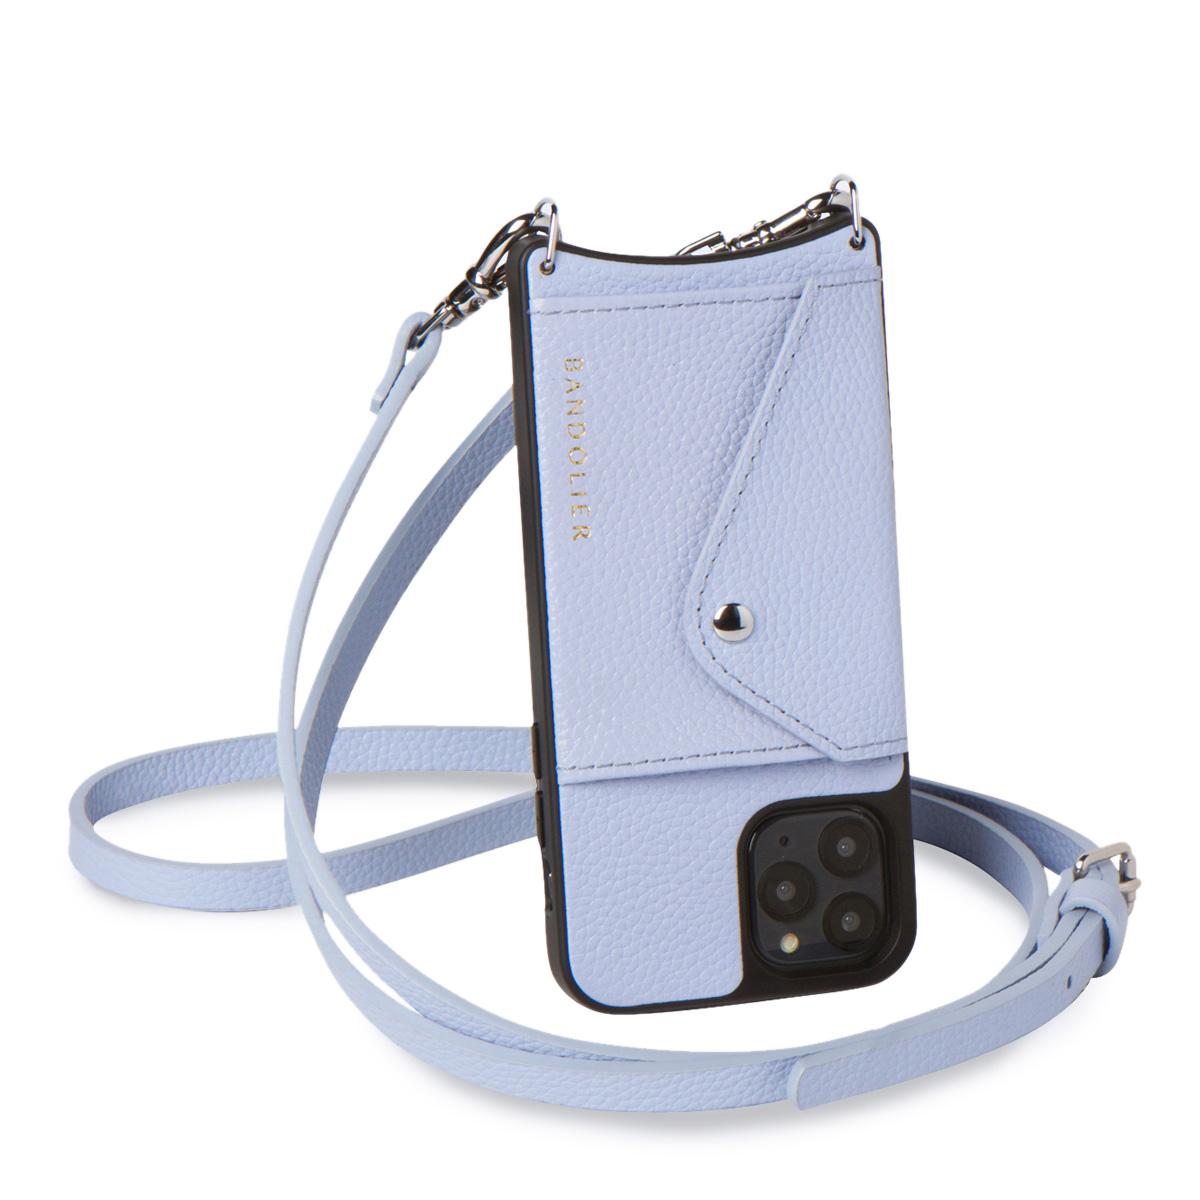 BANDOLIER DONNA バンドリヤー iPhone11 Pro ケース スマホ 携帯 ショルダー アイフォン ドナー メンズ レディース ブルー 14DON [5/26 再入荷]